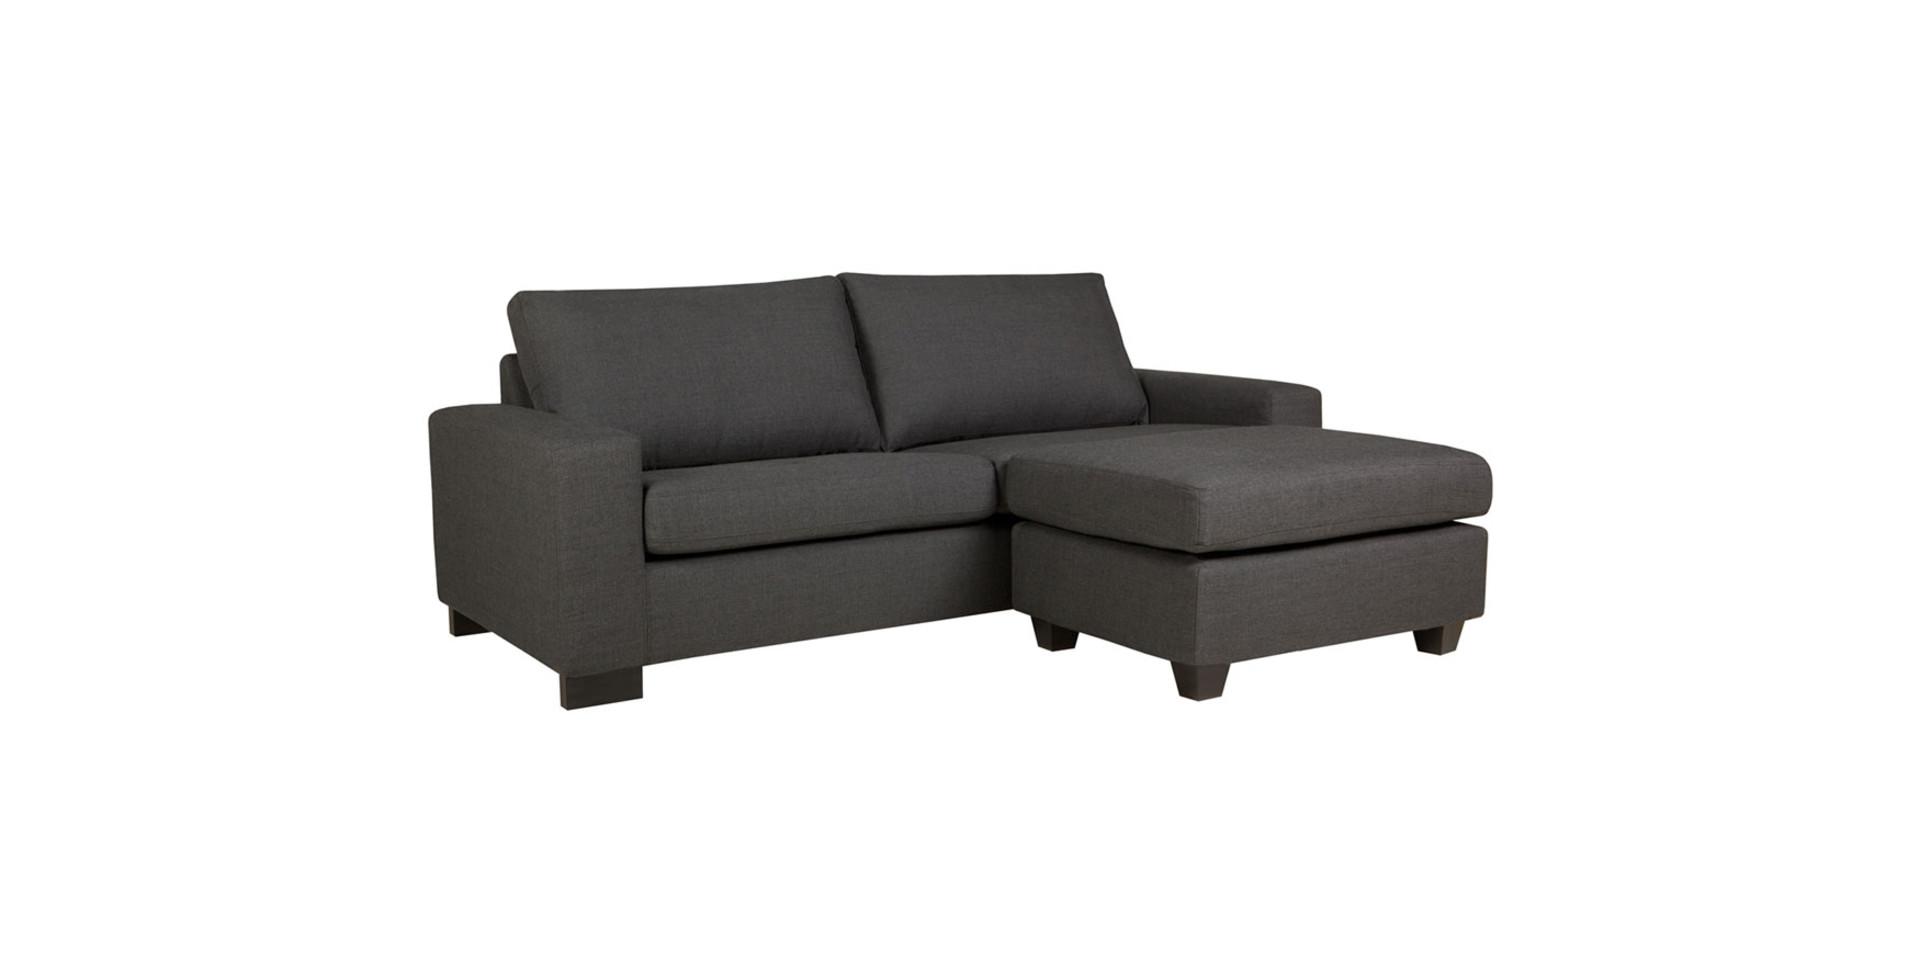 sits-quick-canape-pouf-01_0